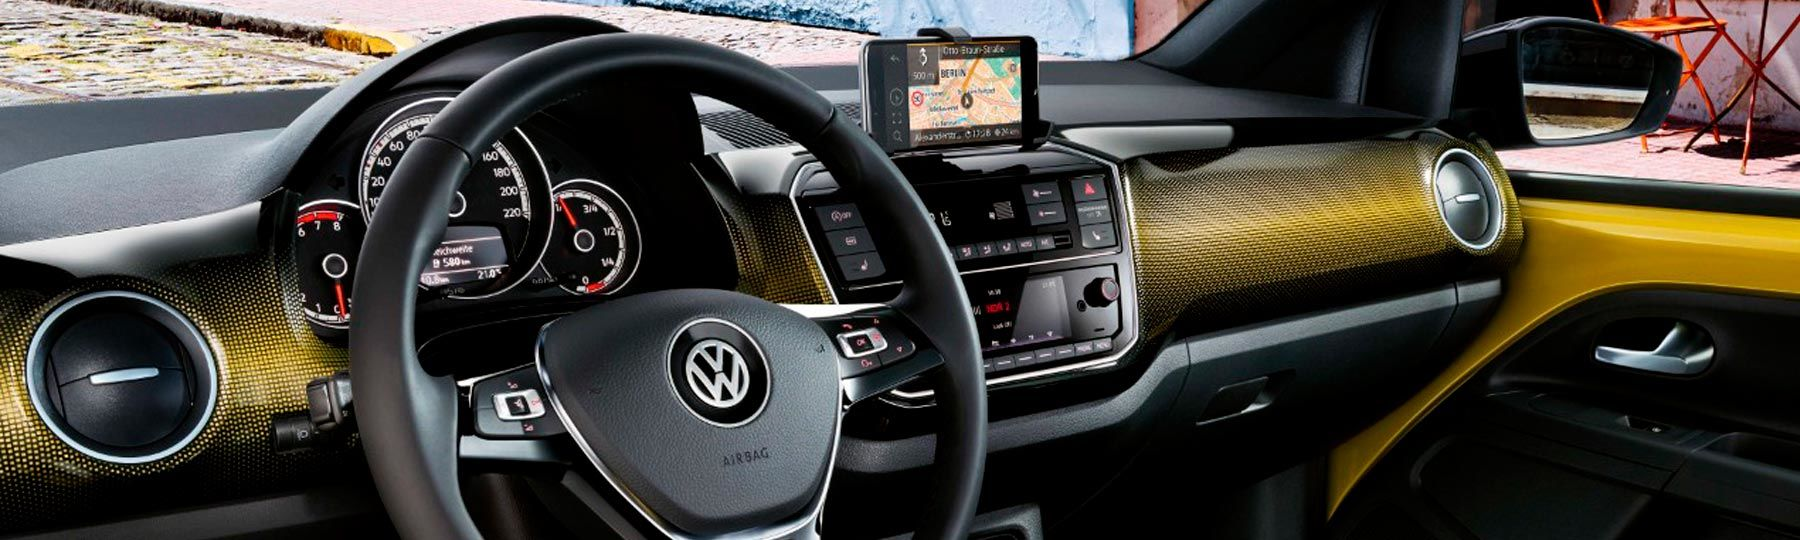 Automóviles Sánchez, Concesionario Oficial Volkswagen en A Coruña y Carballo (E. Fuentes)